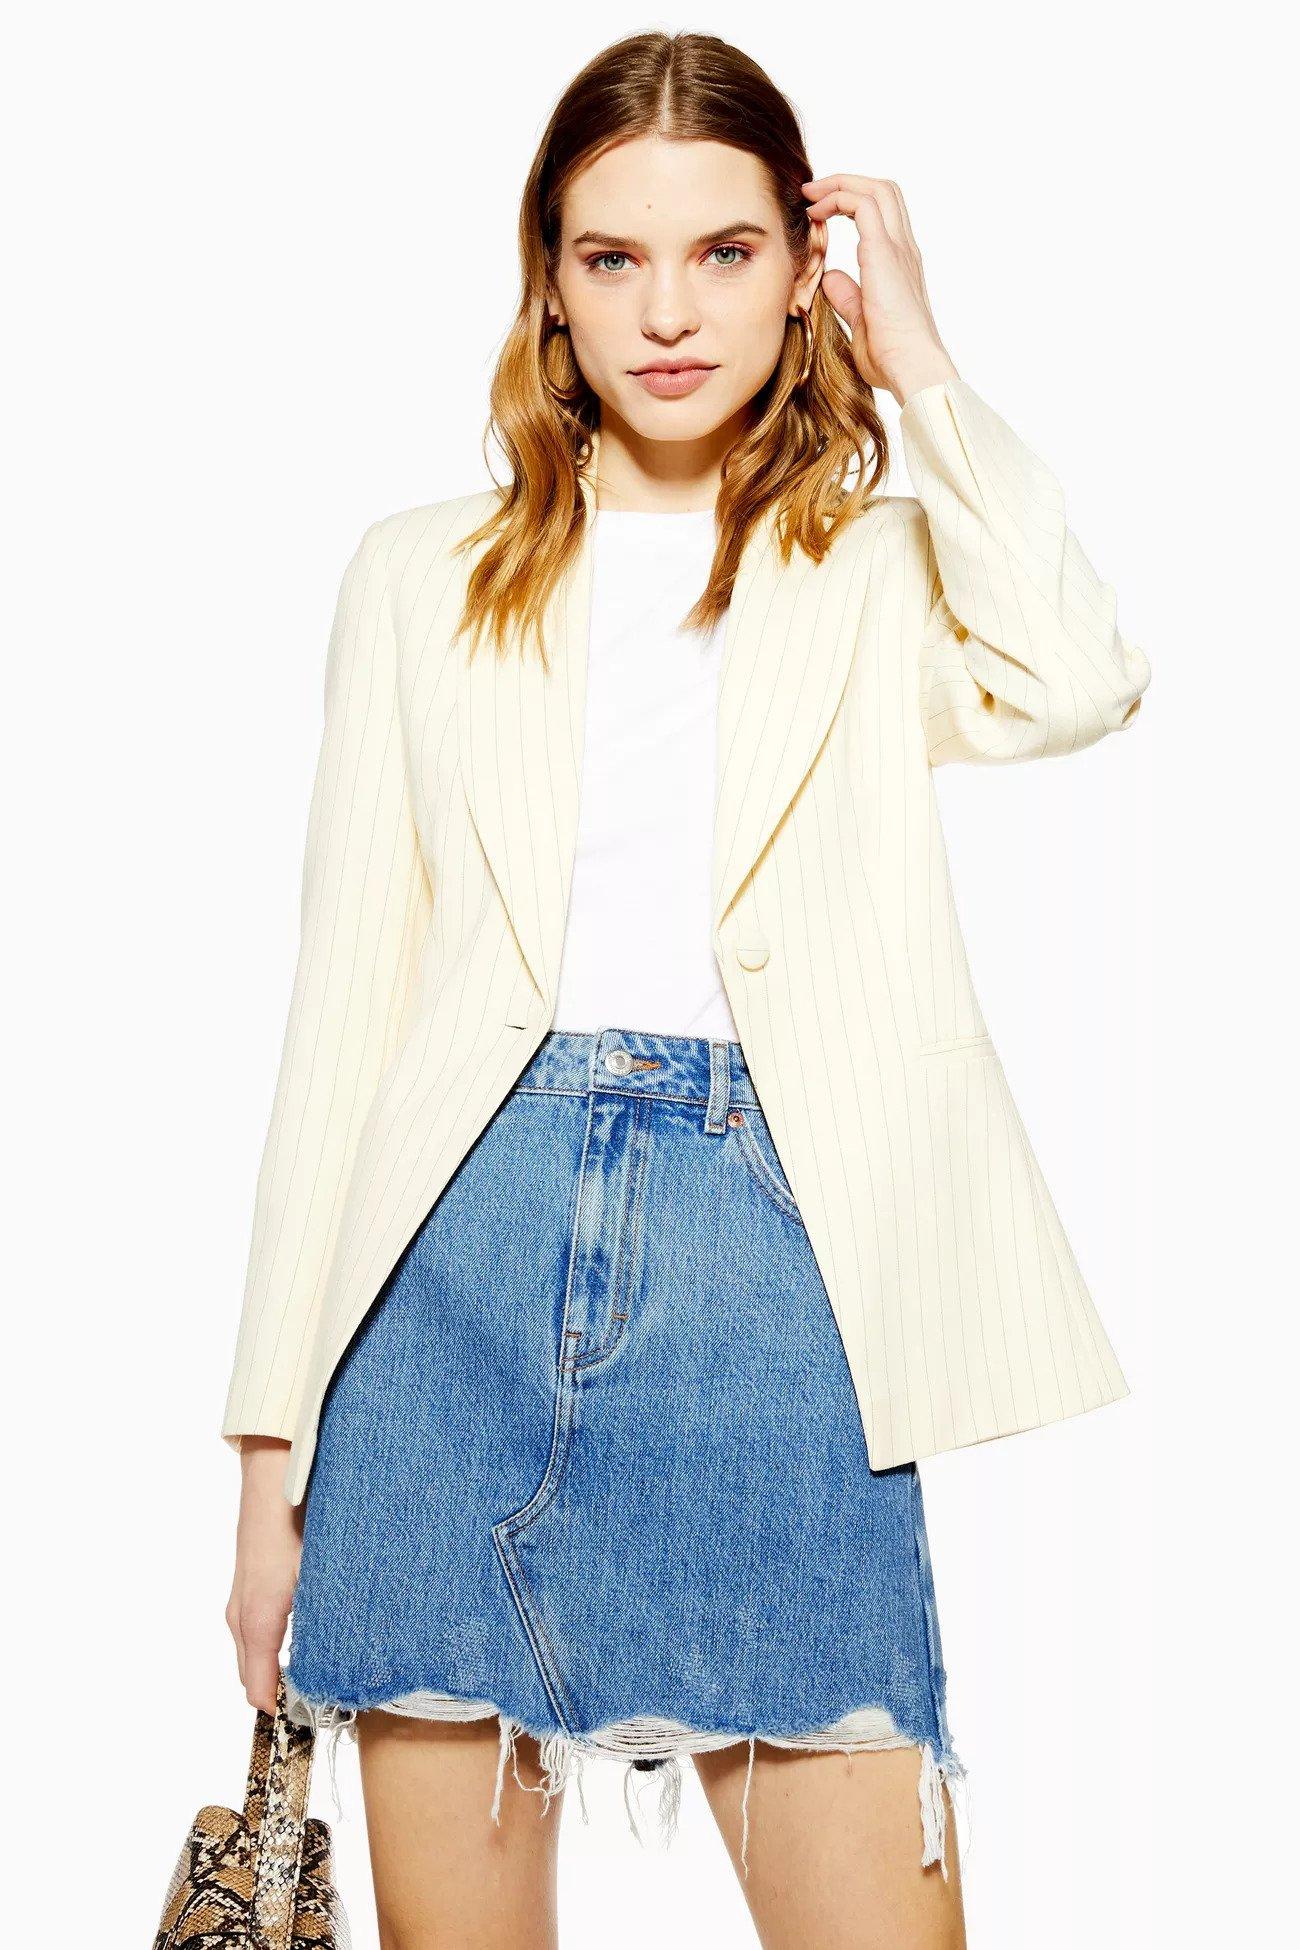 Как и с чем носить юбки: 5 фасонов для этой осени-Фото 2